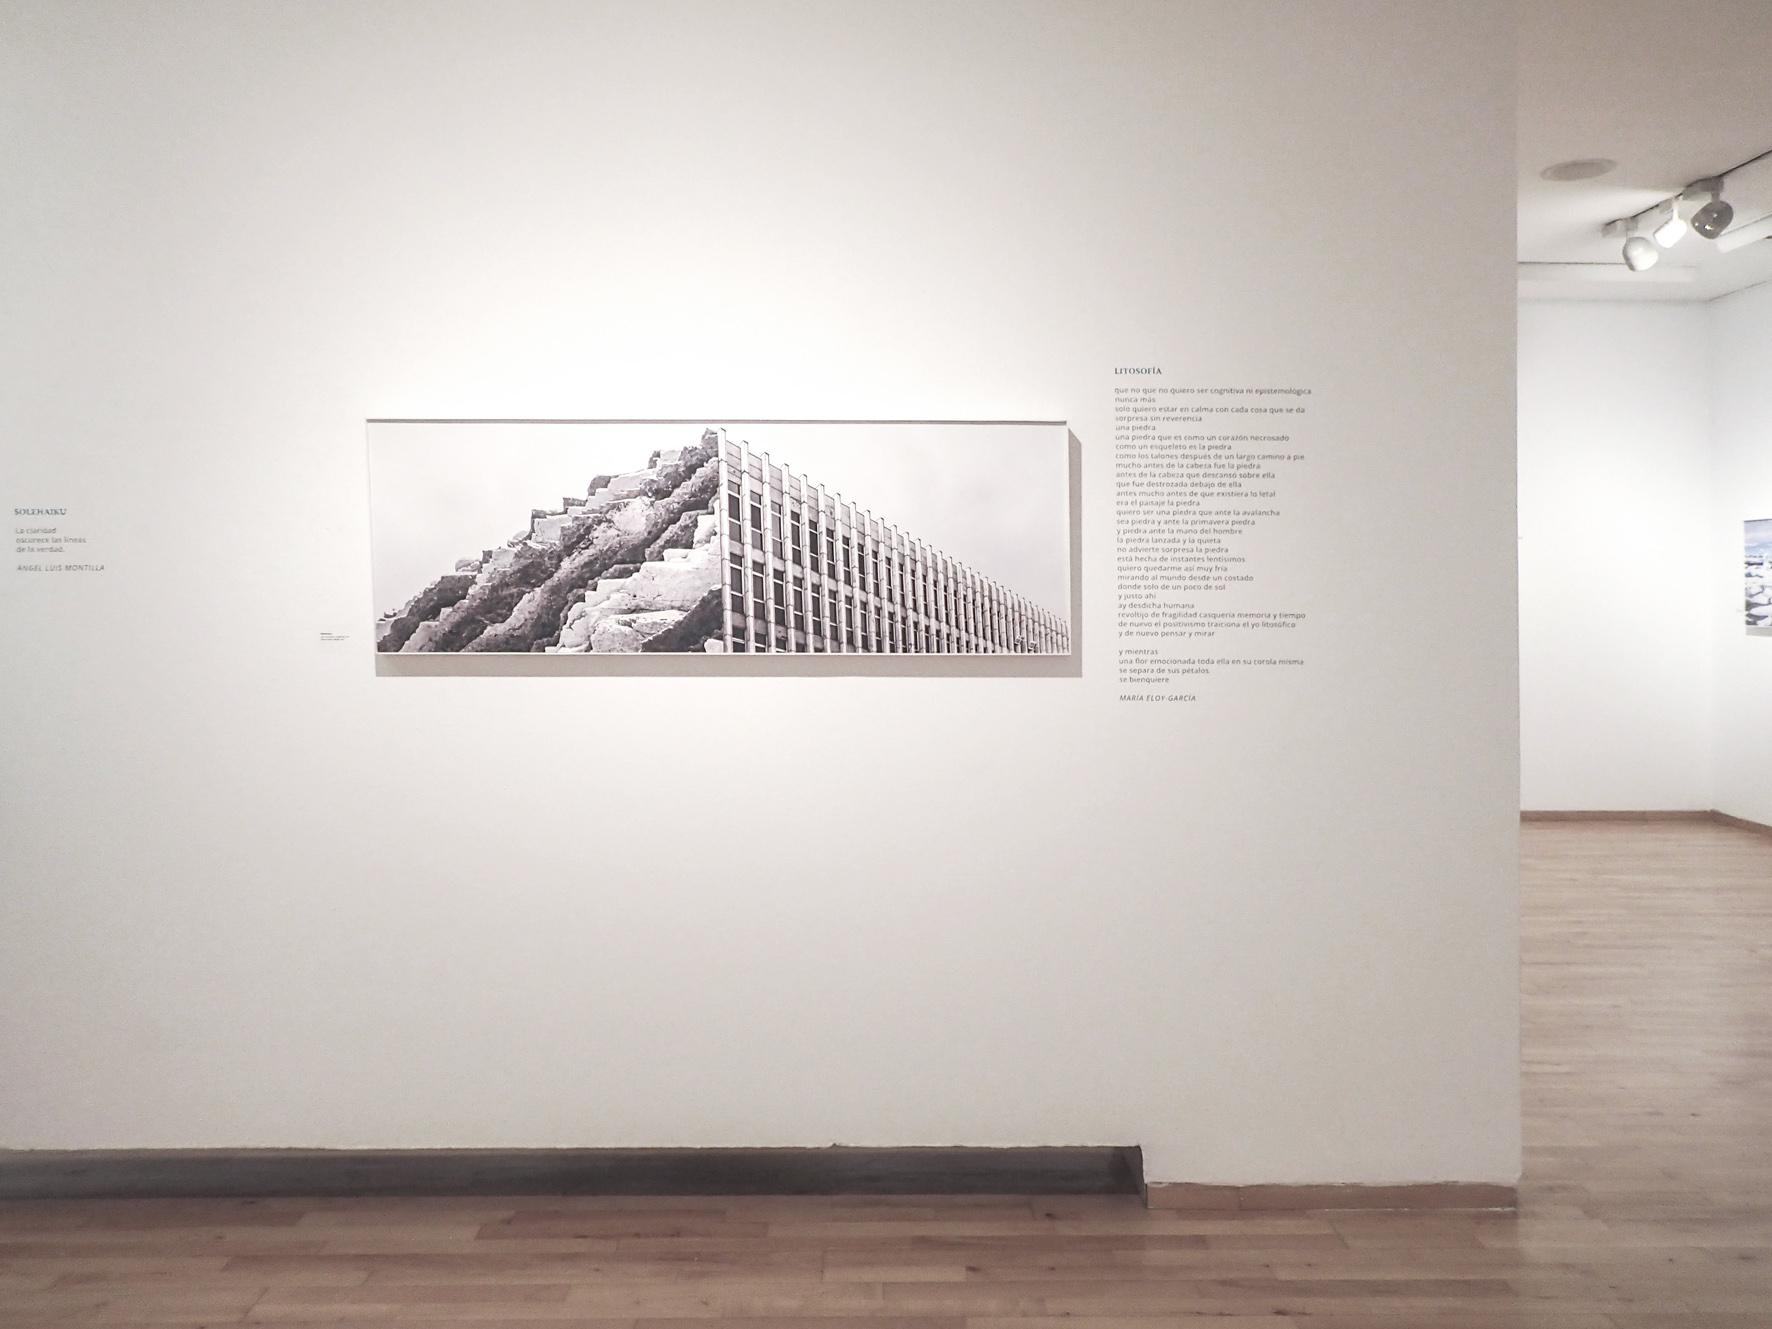 Exposición Centro Cultural María Victoria Atencia (Málaga) - Como dos gotas de poesía   - Como dos gotas de poesía, fotografías de LaraBisbe